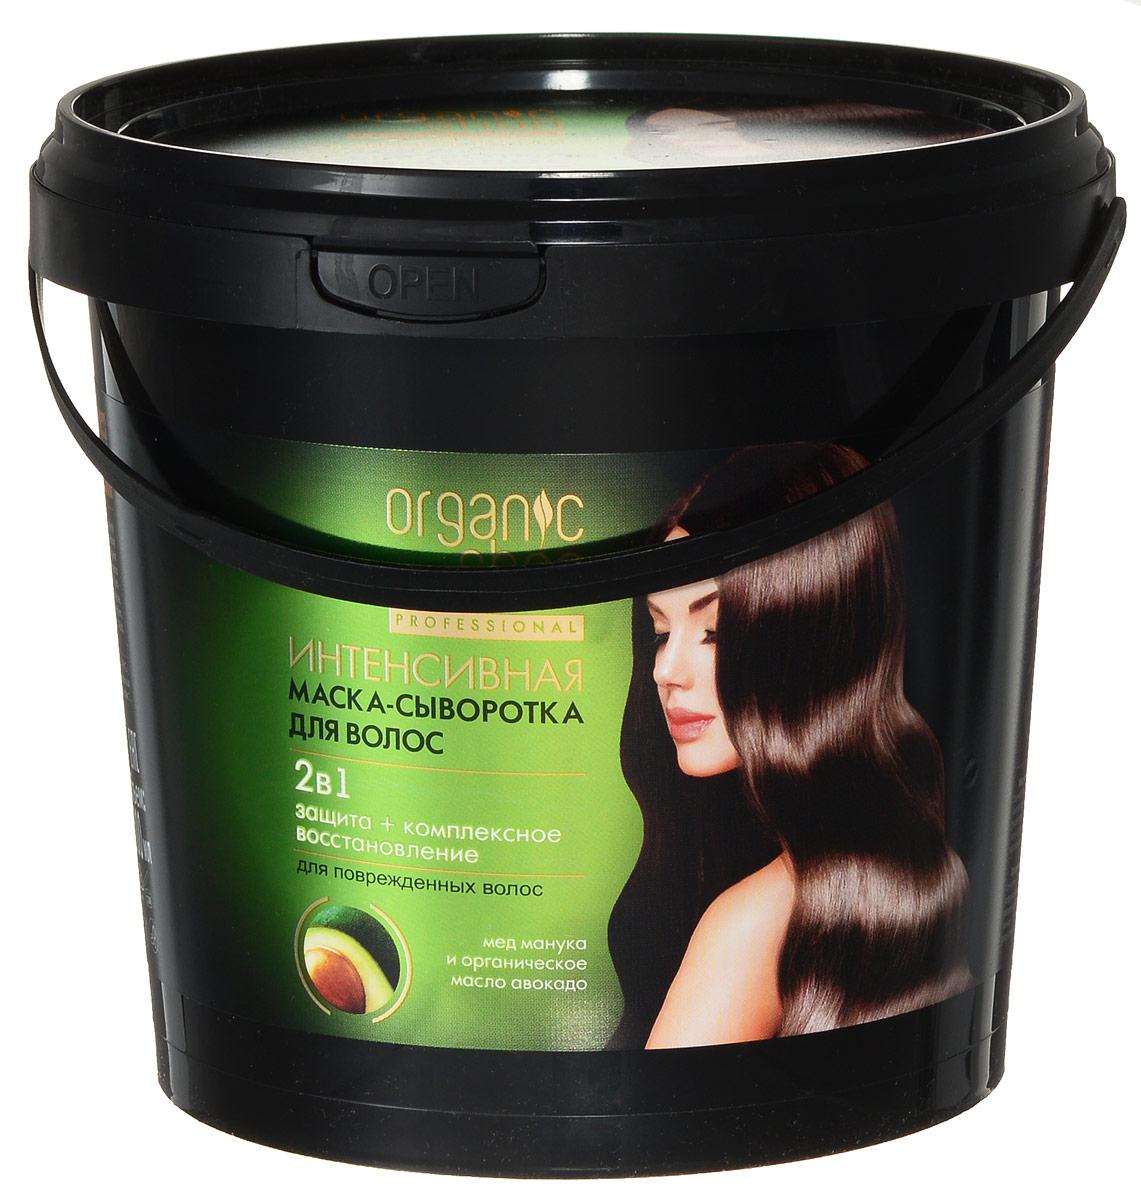 Organic Shop Professional Маска-сыворотка интенсивная для волос, 1000 мл